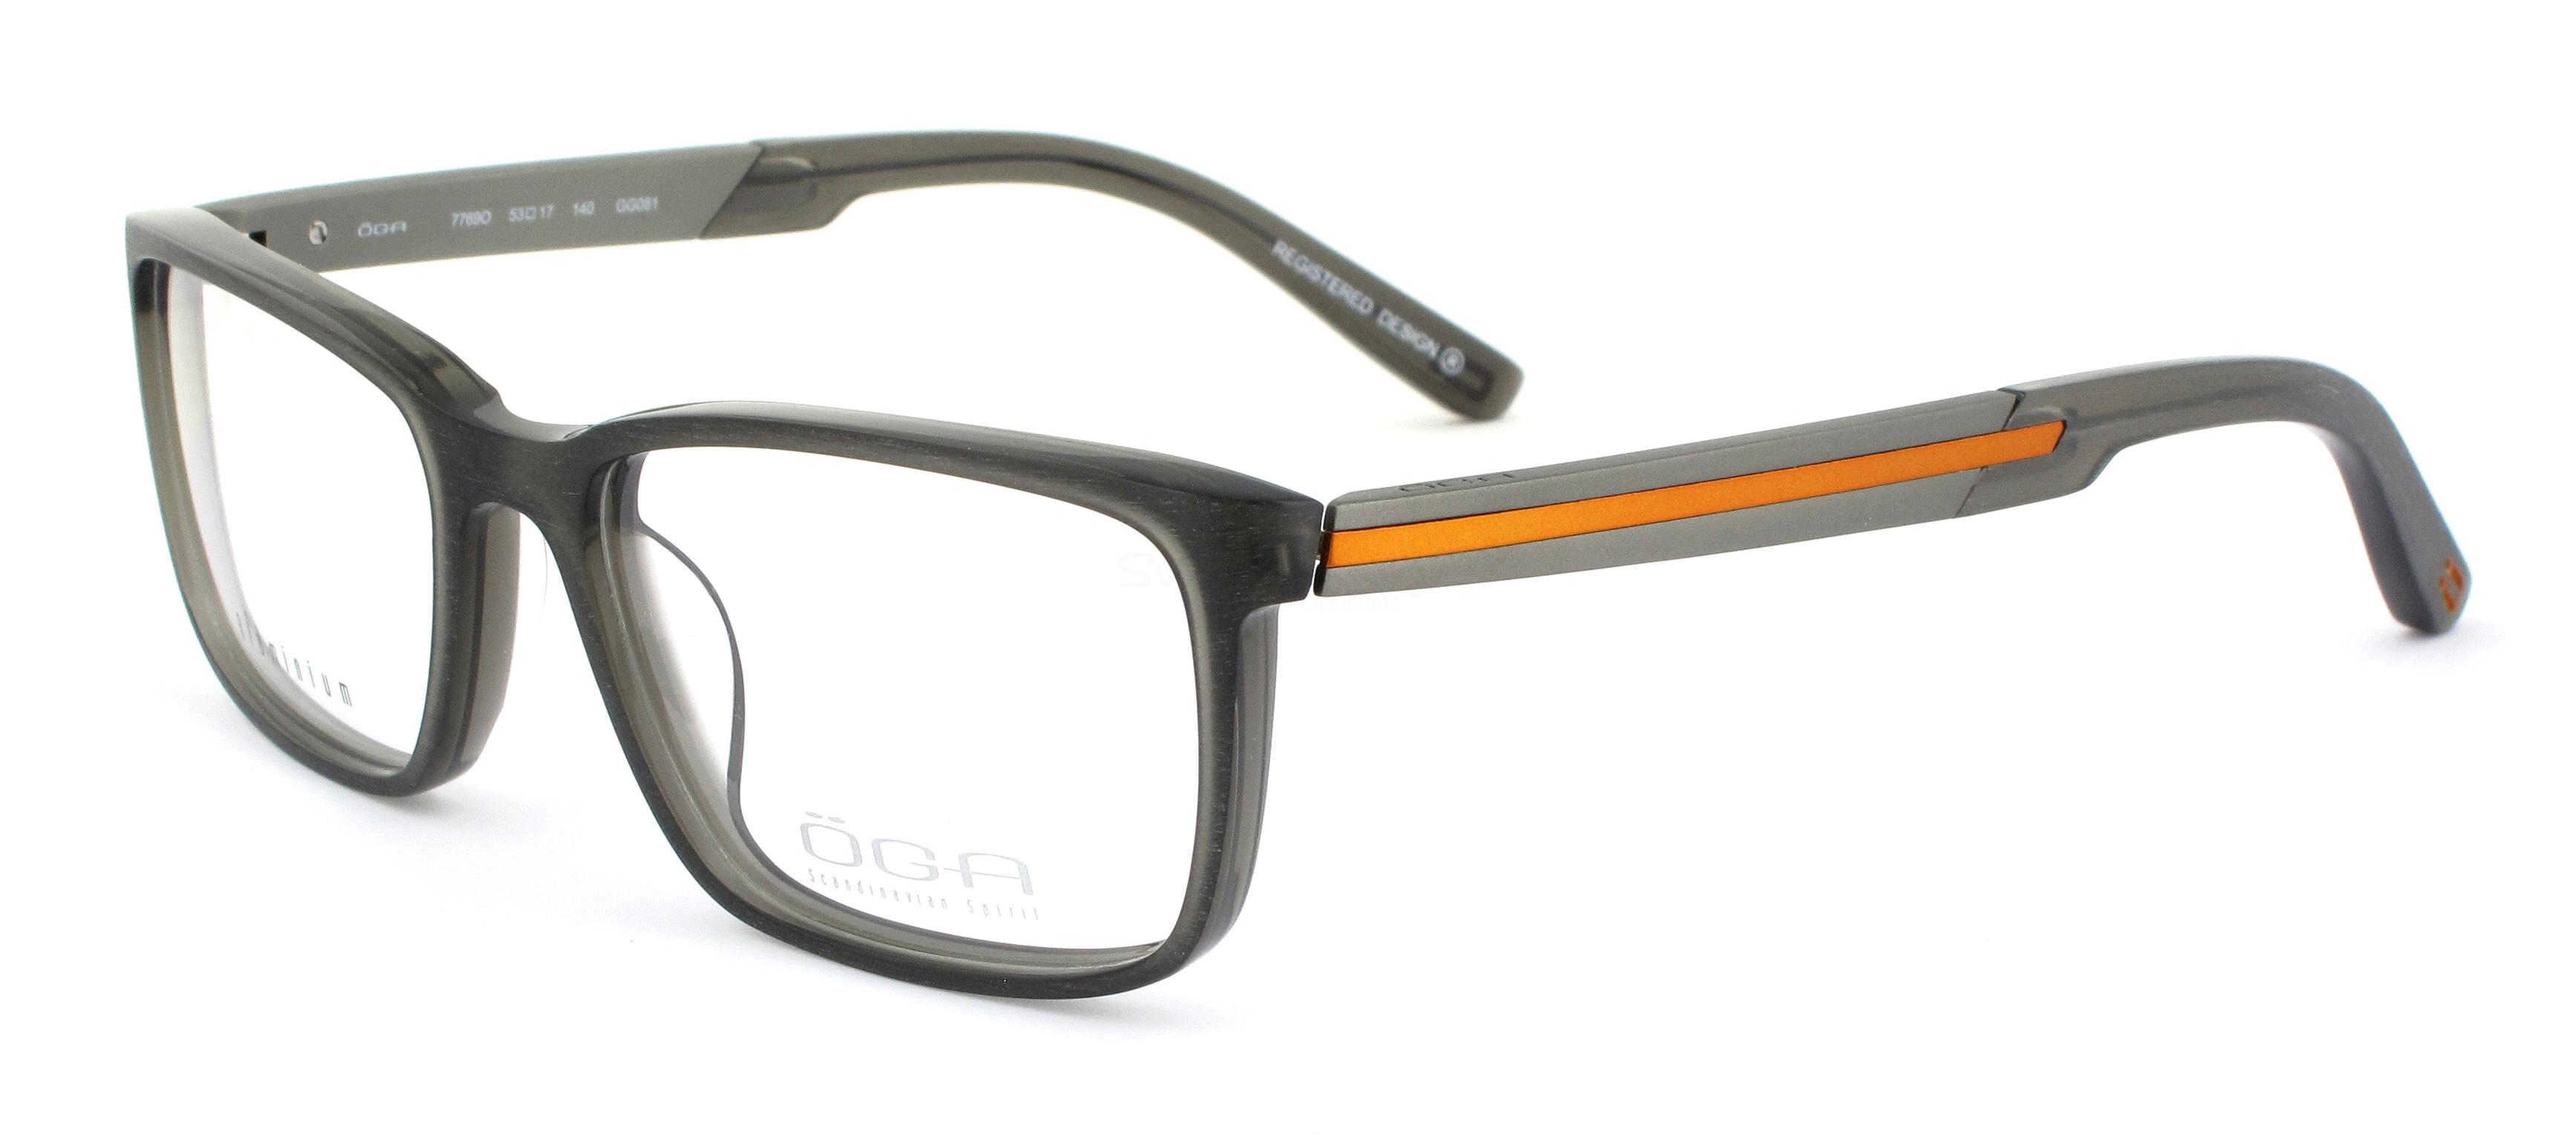 GG081 7769O TANGER 3 Glasses, ÖGA Scandinavian Spirit